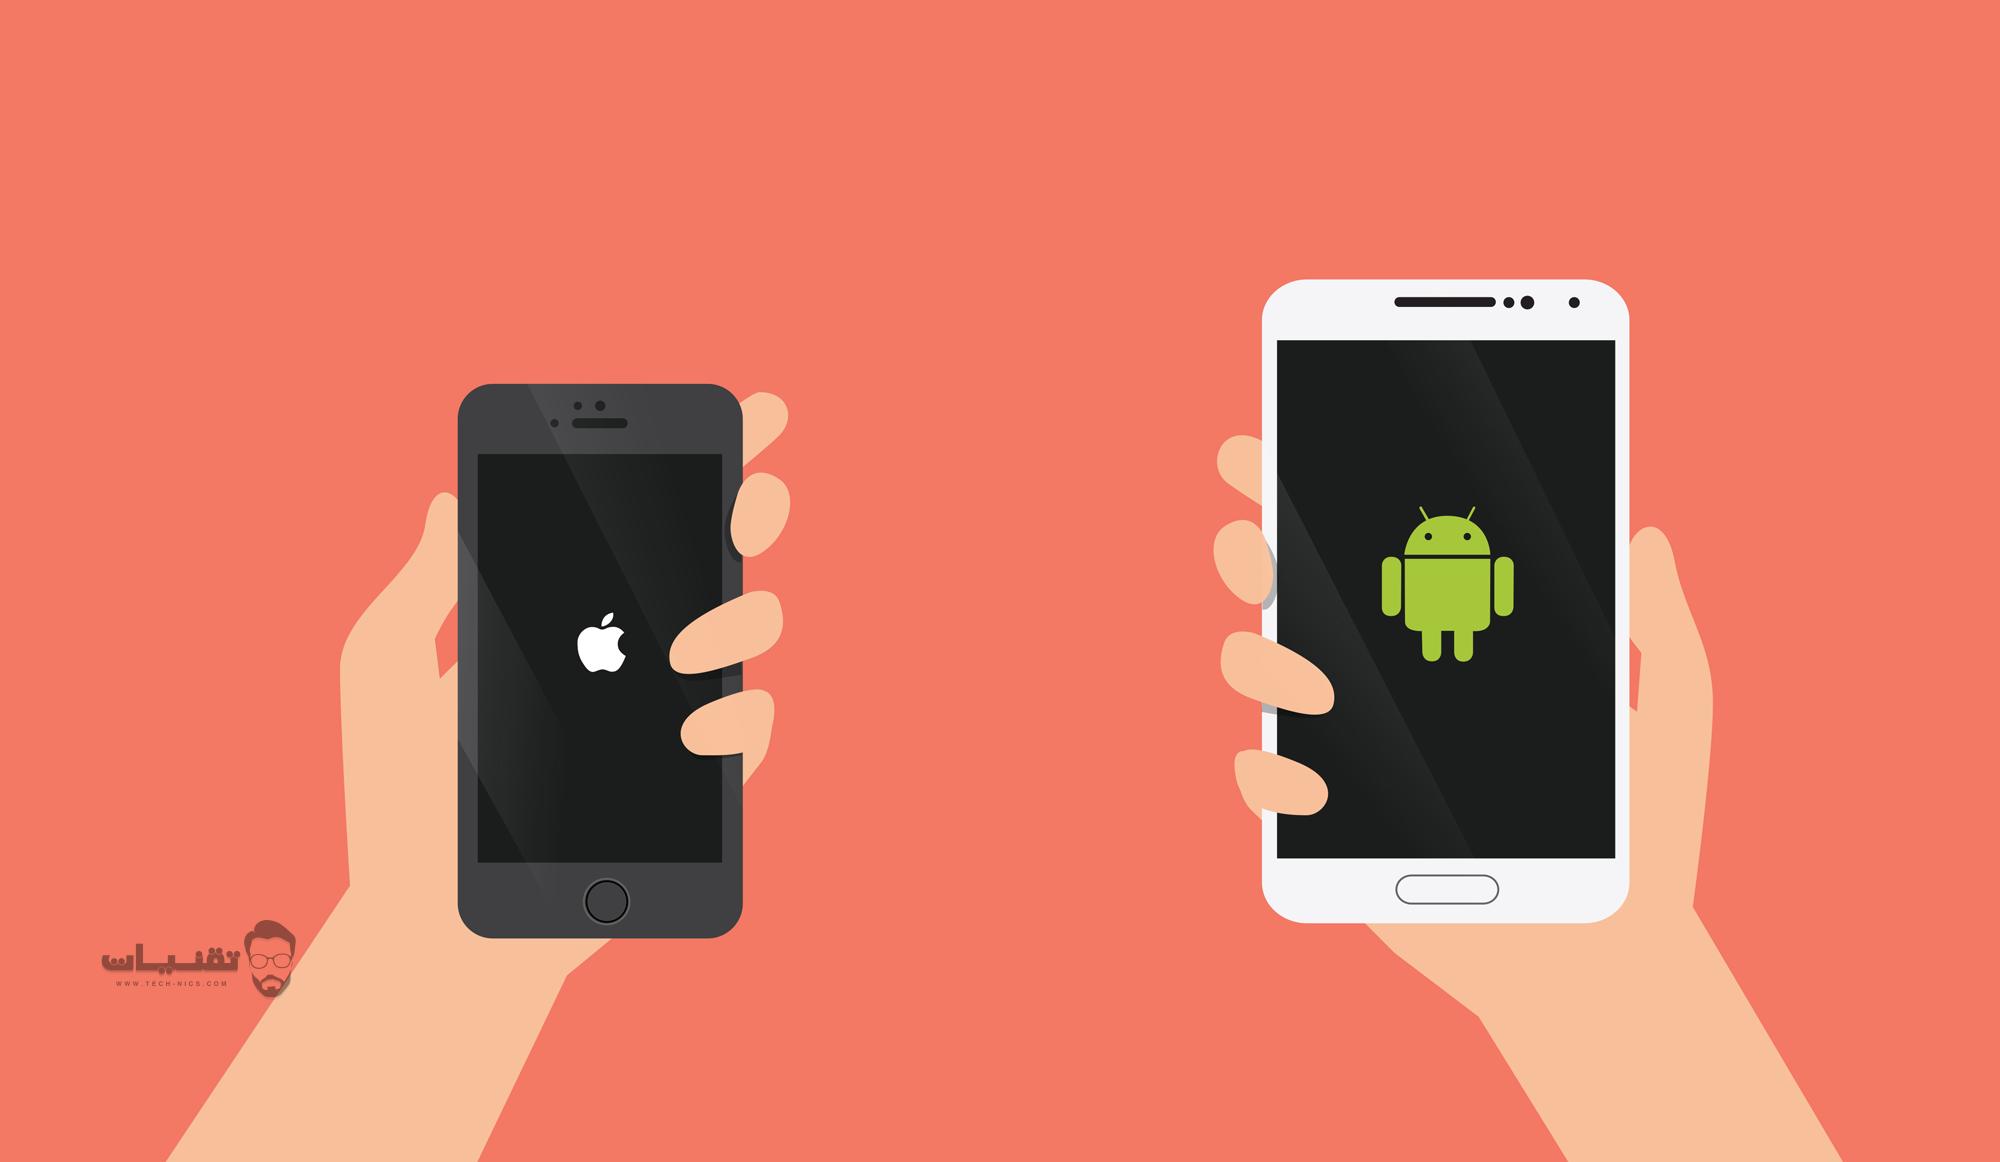 شرح نقل محتوى جهازك الأندرويد إلى جهازك الآيفون